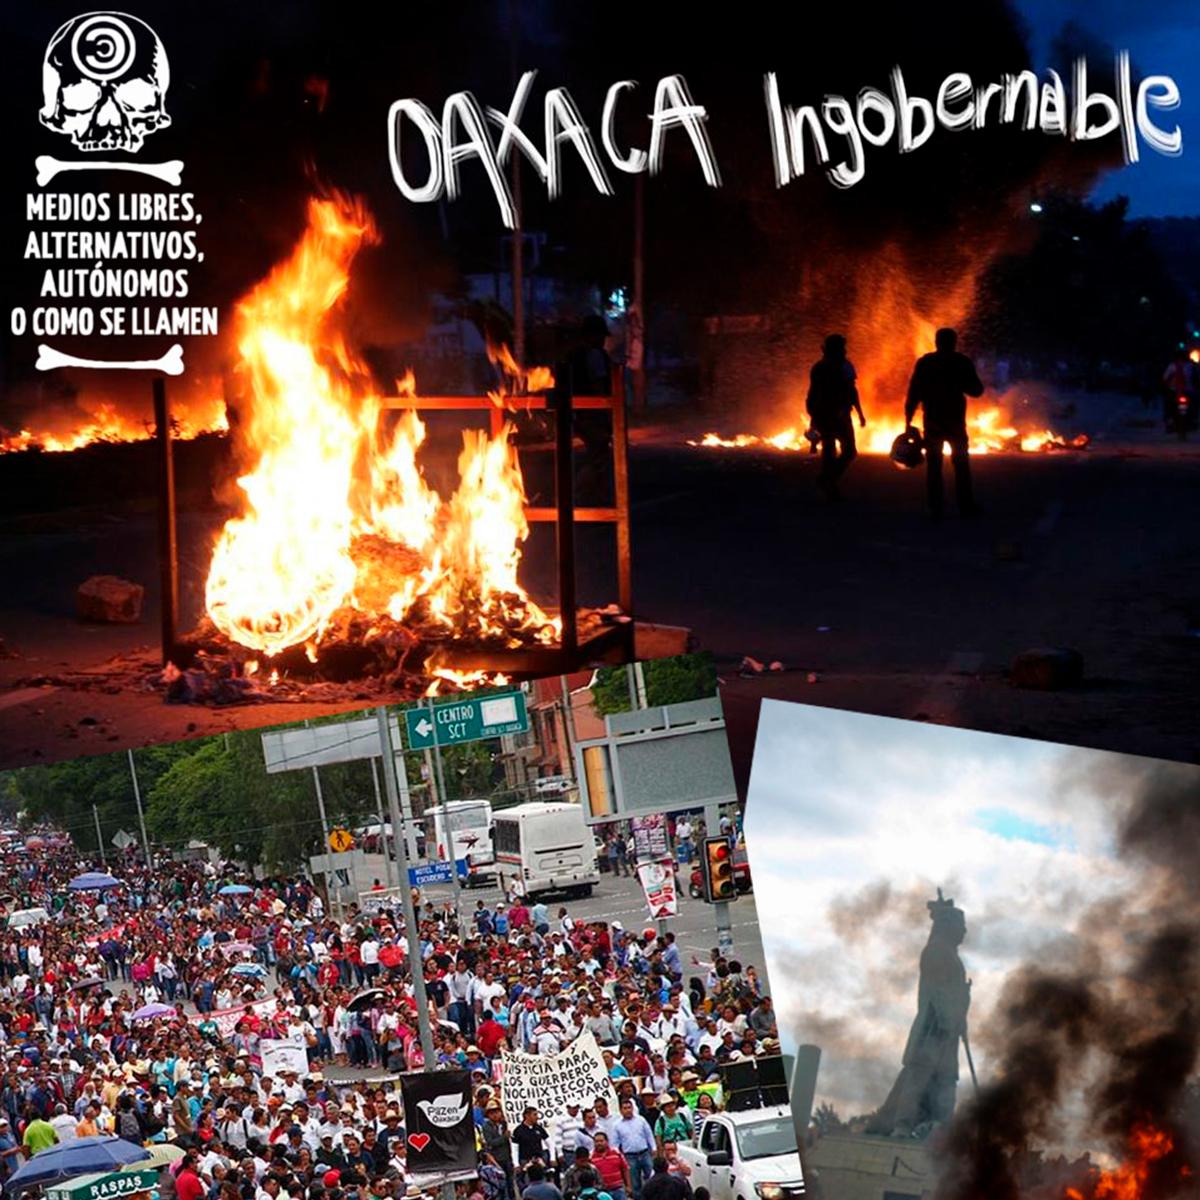 oaxaca-ingobernable